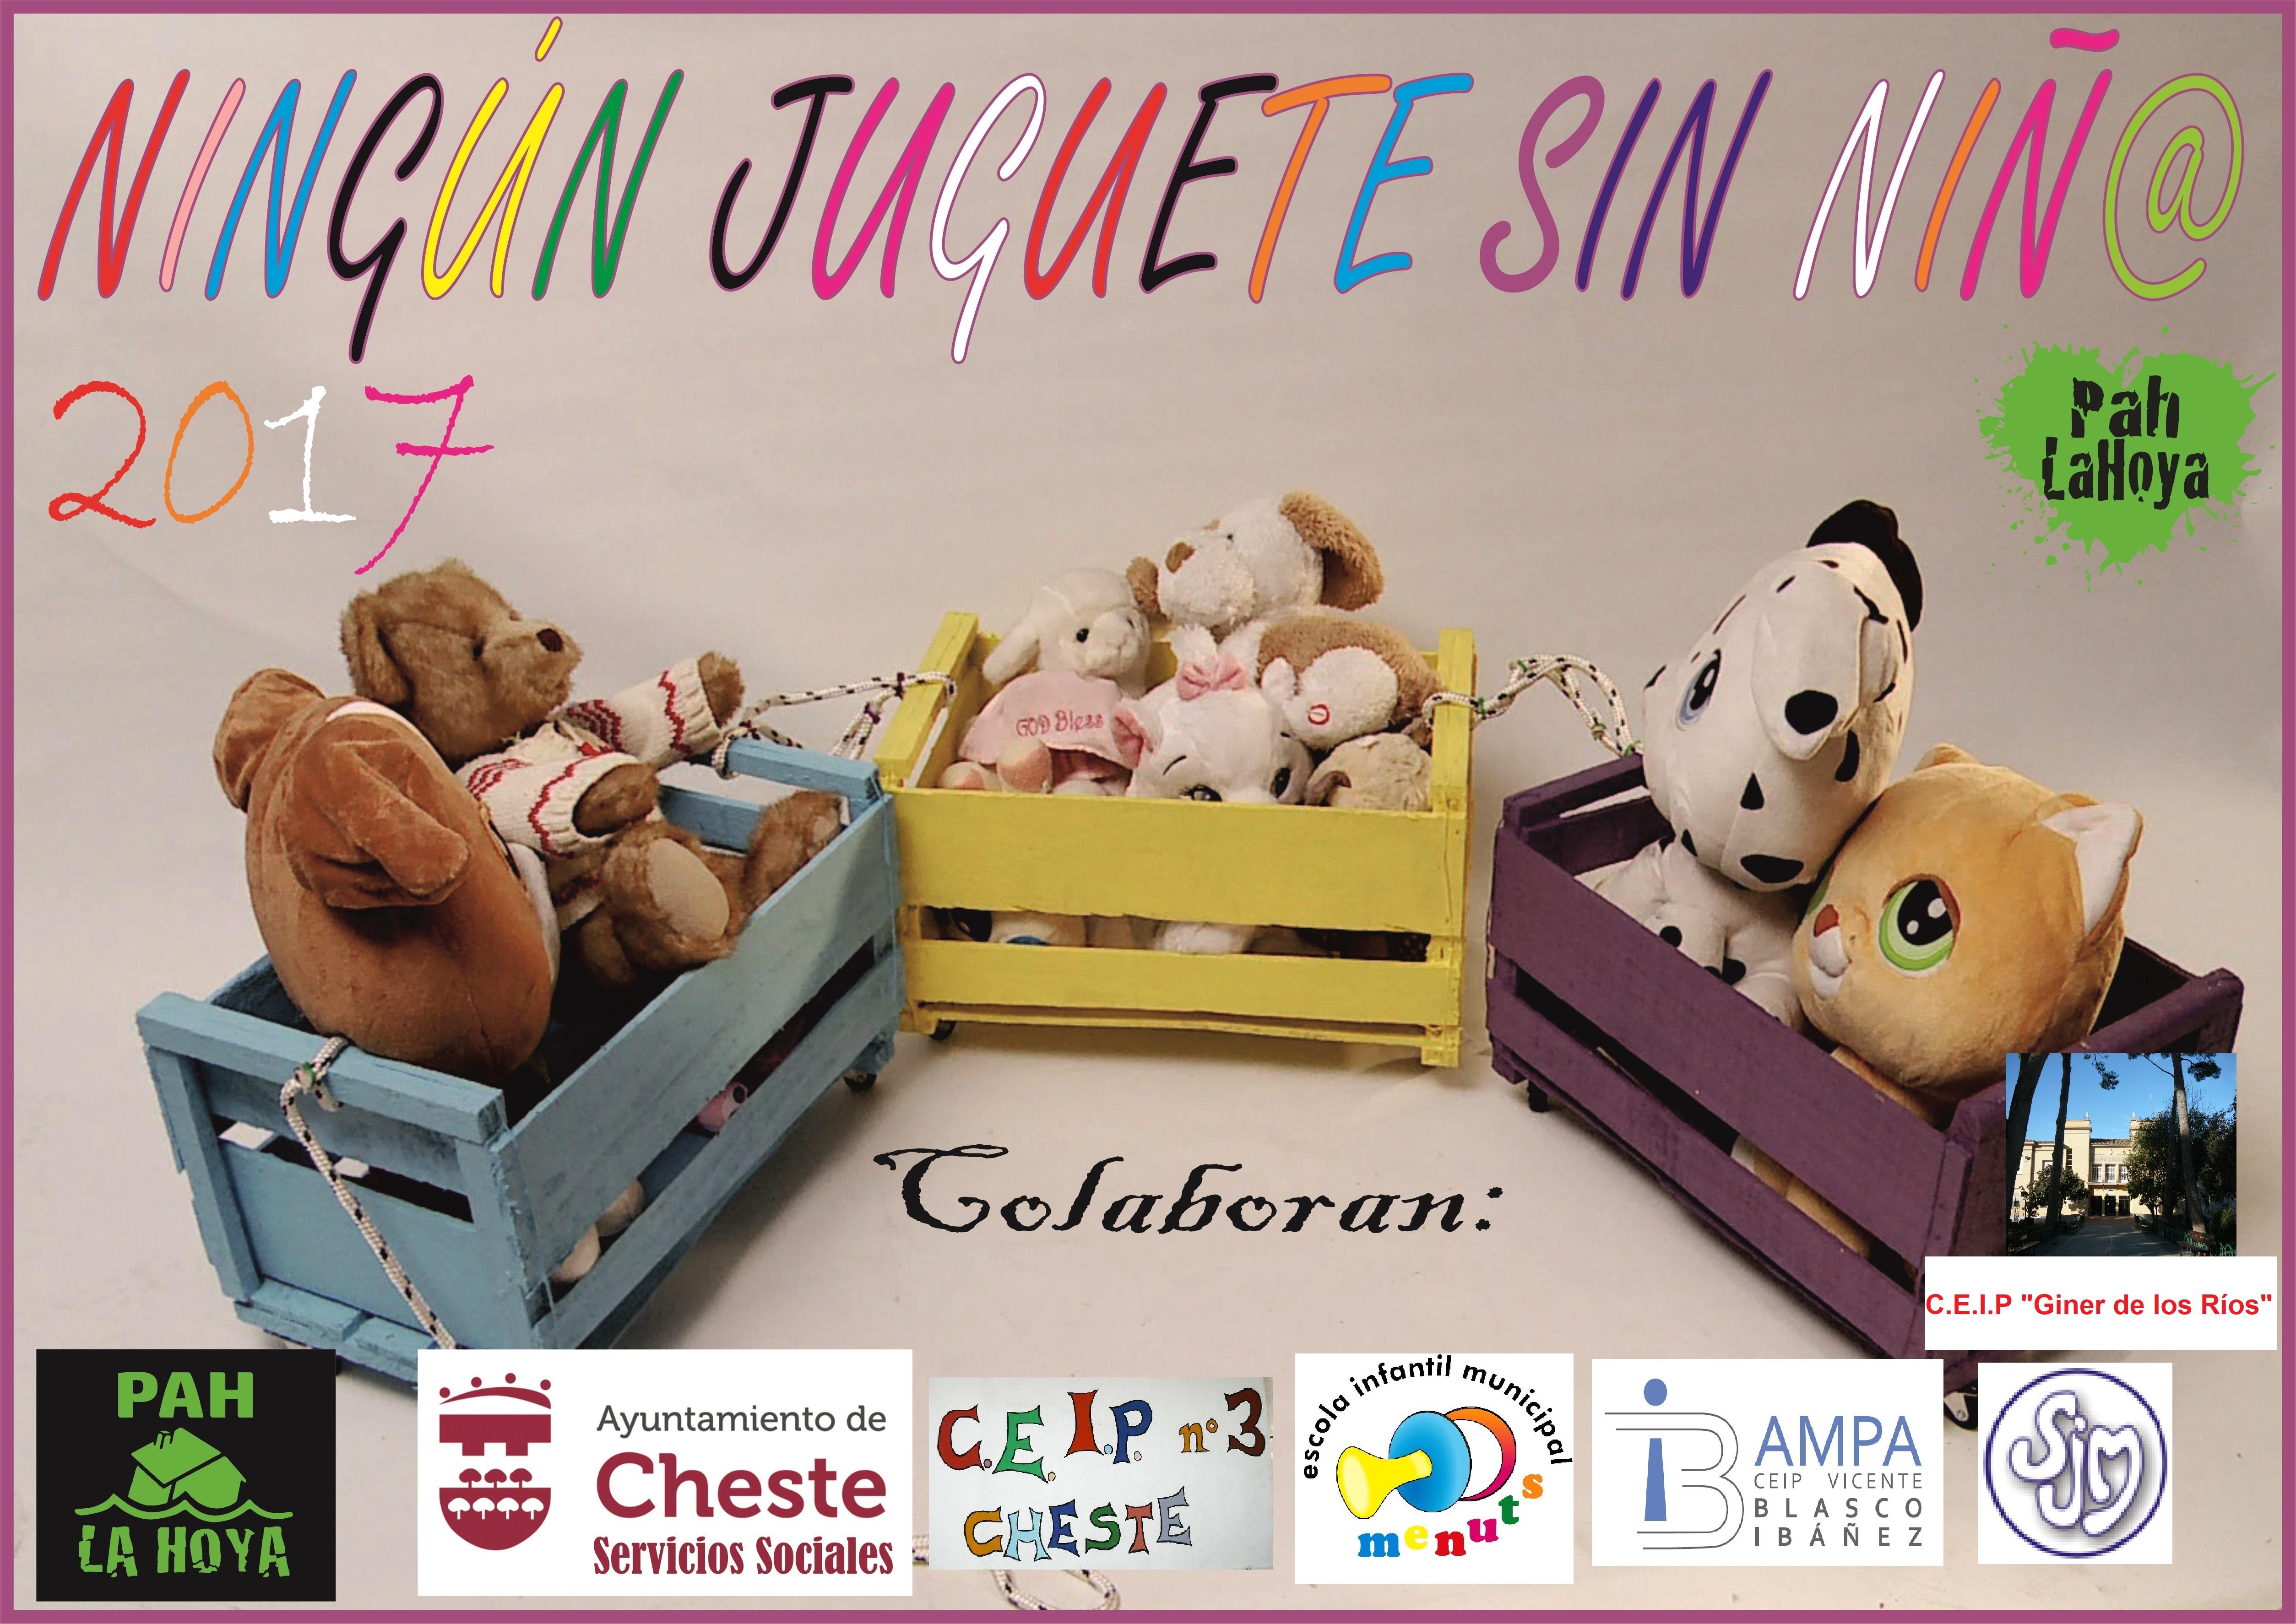 Cartel de la campaña que se ha organizado en Cheste.